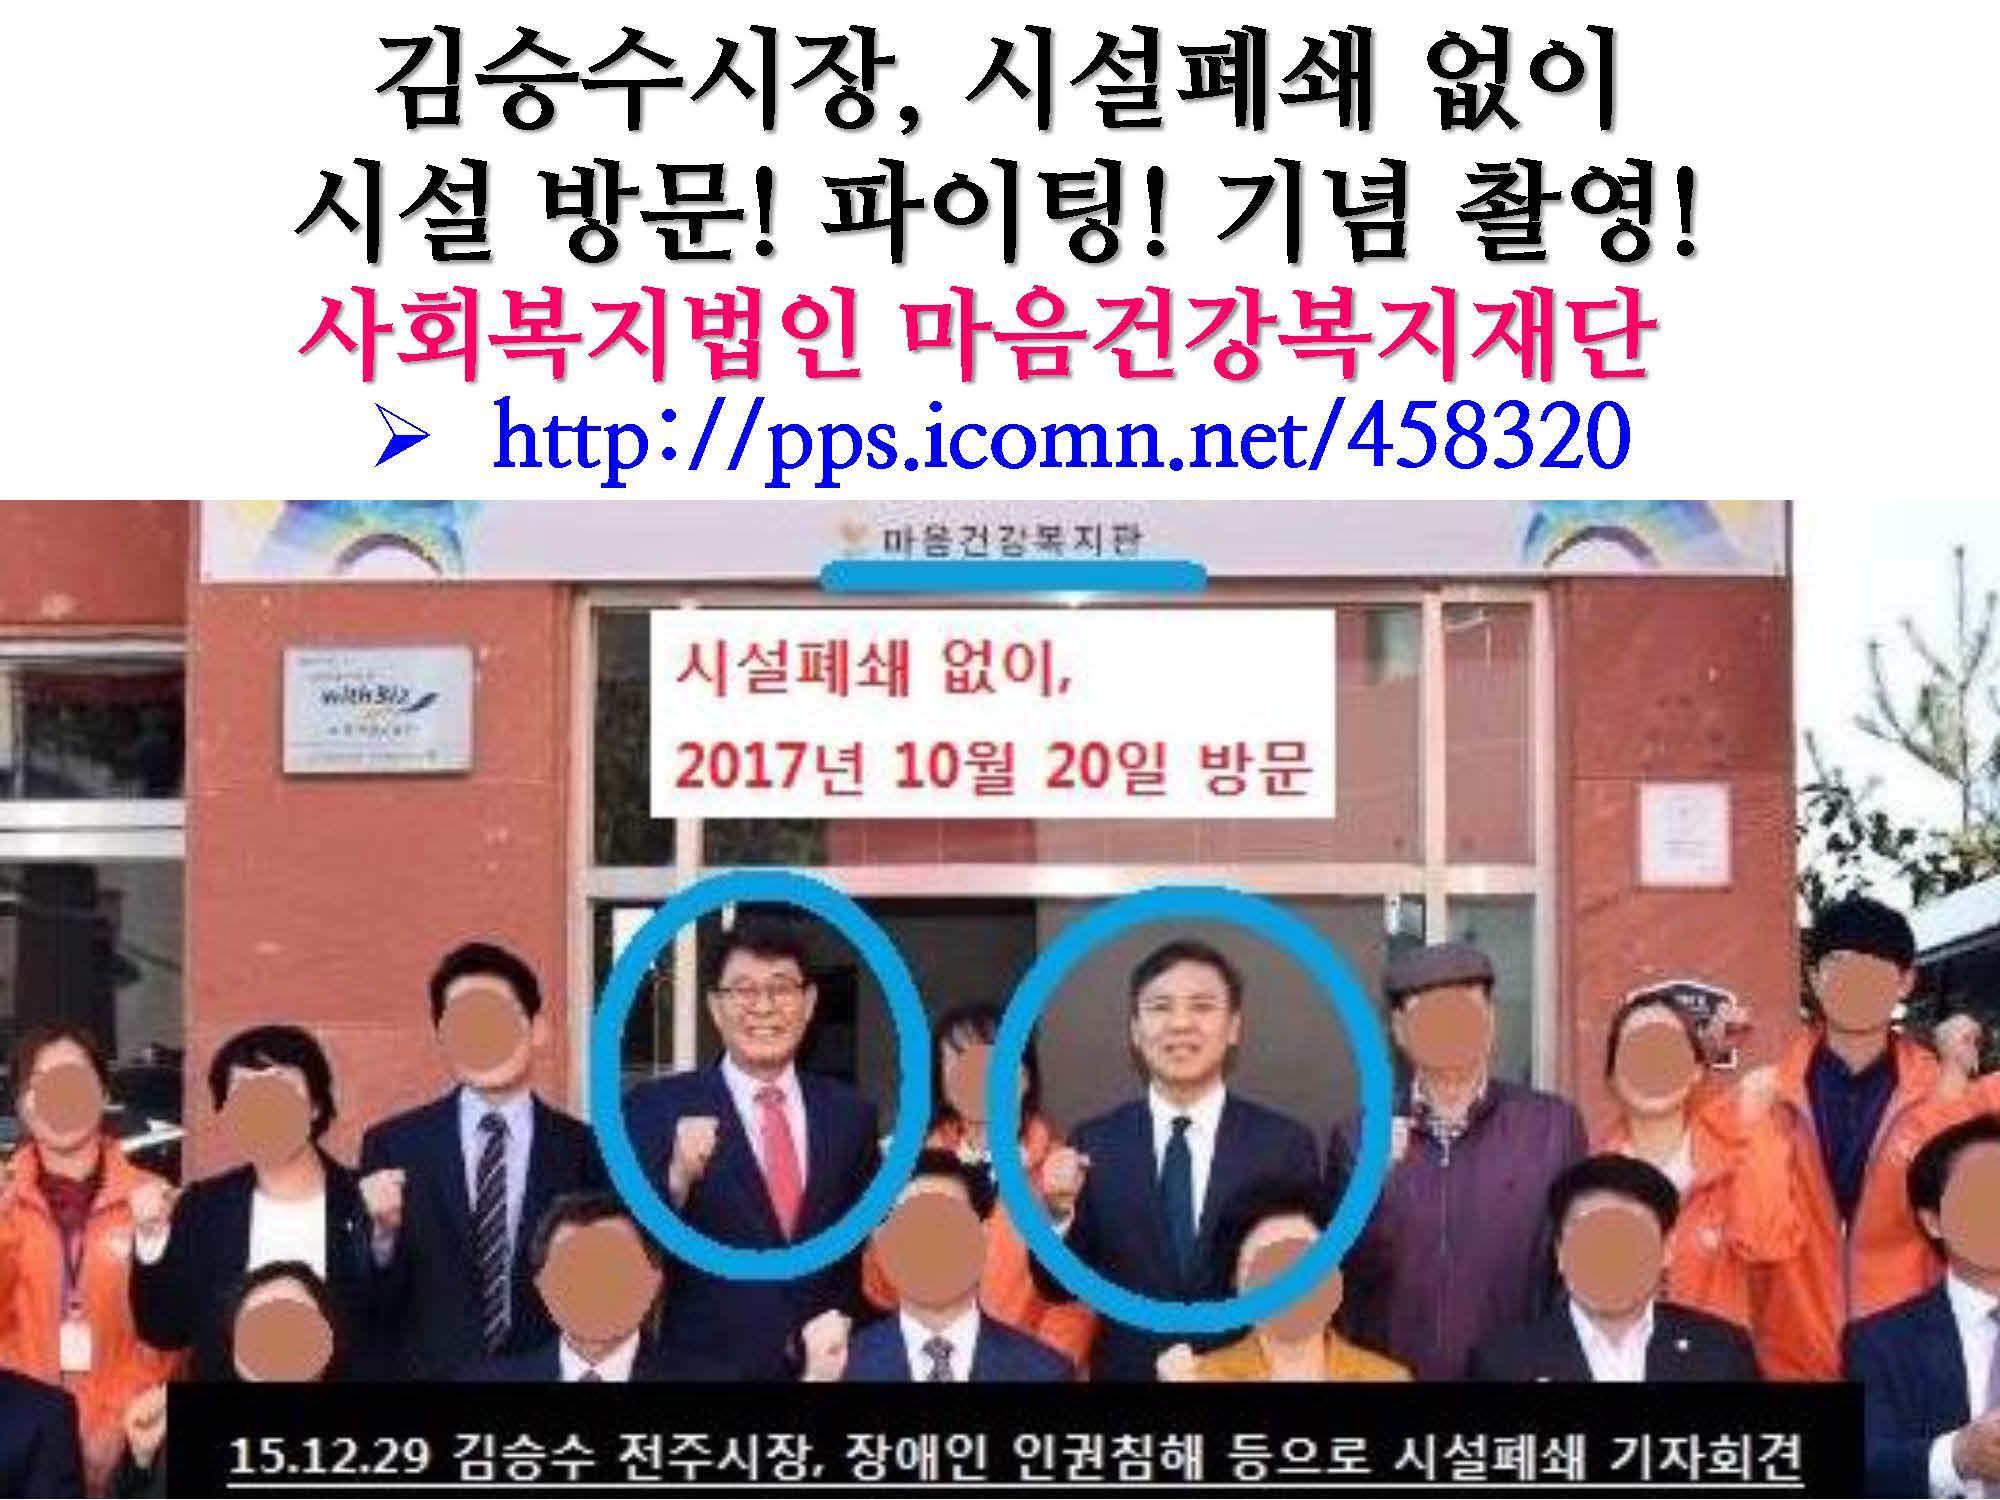 2019년 평화주민사랑방 활동 및 결산보고(PDF)_페이지_05.jpg